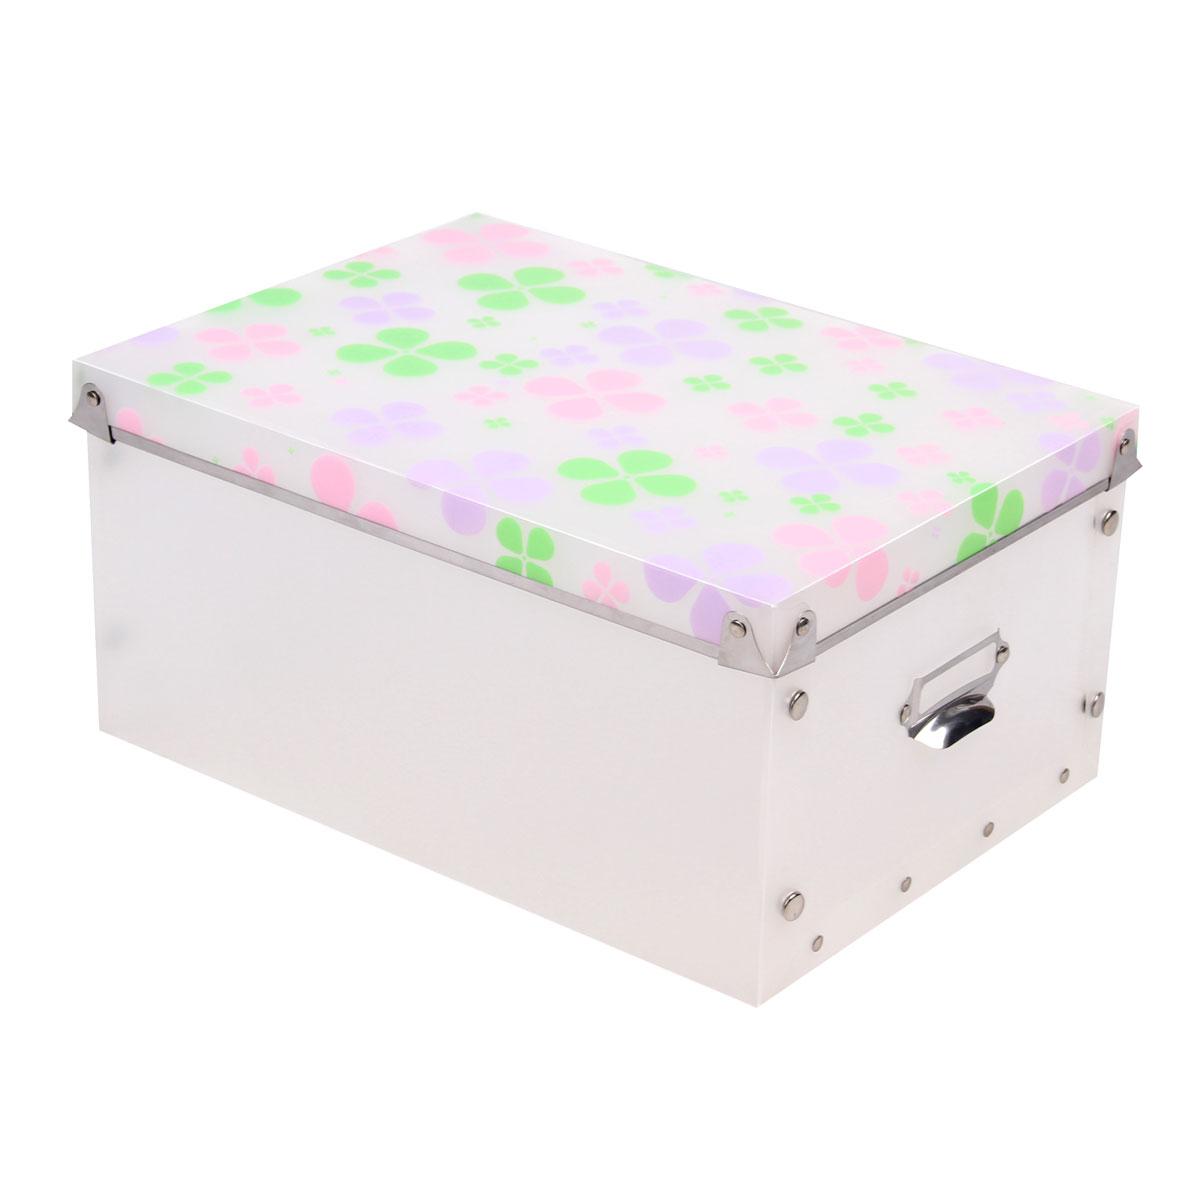 Короб для xранения Miolla, 30 x 40 x 19 см. SBB-04SBB-04Вместительный короб для хранения создан, чтобы навести порядок в вашем доме. Он бережно сохранит важные документы или просто дорогие сердцу мелочи. Оригинальный дизайн с полосатым орнаментом прекрасно подойдет для любого интерьера, будь то офис или книжный шкаф в загородном доме.